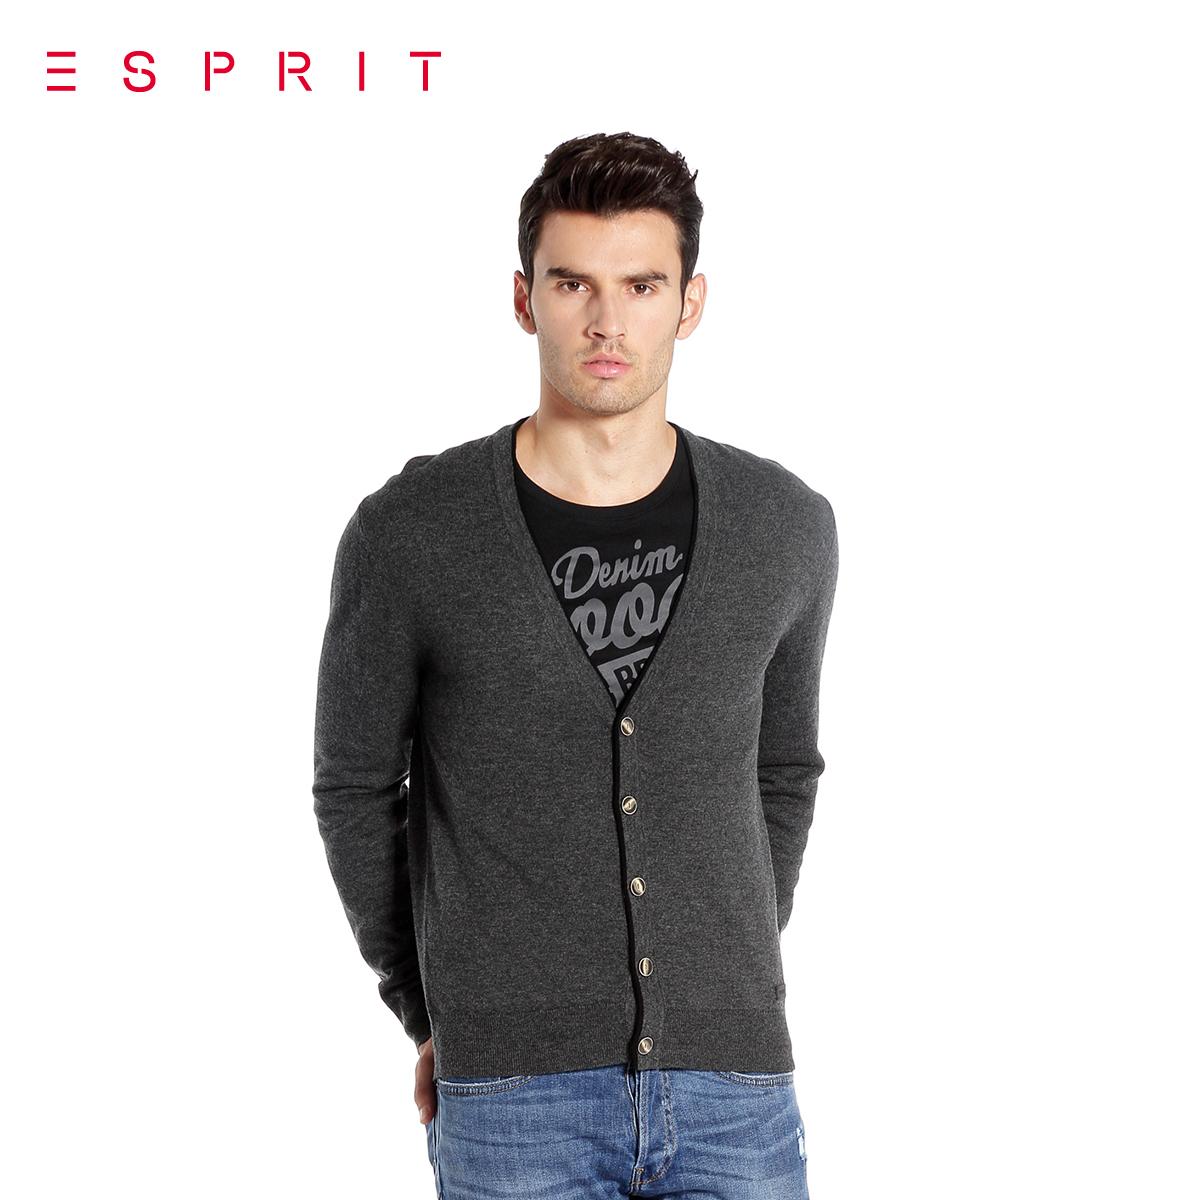 Свитер мужской Esprit iwd0305 -IWD0305O 599 футболка esprit esprit es393egrhl01